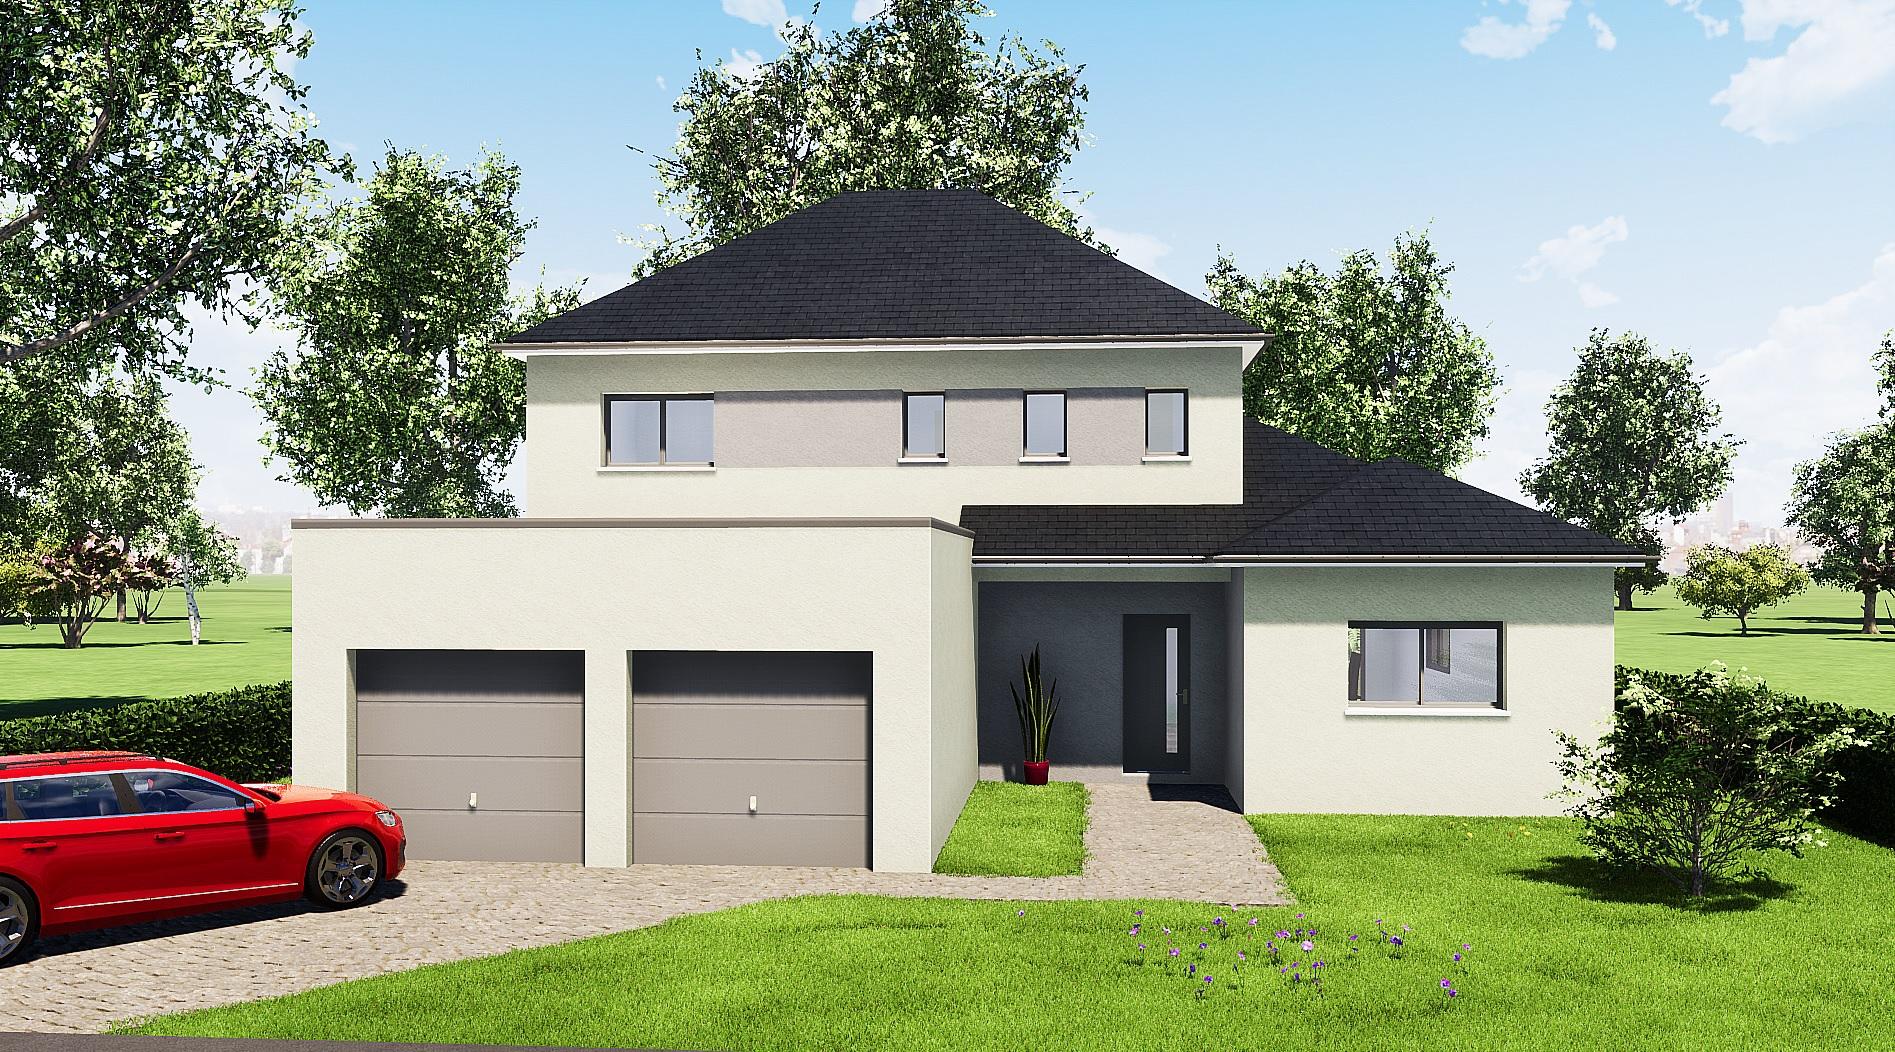 plan rdc maison r+1 moderne 5 chambres le mans 72000 Sarthe constructeur maisons individuelles avant